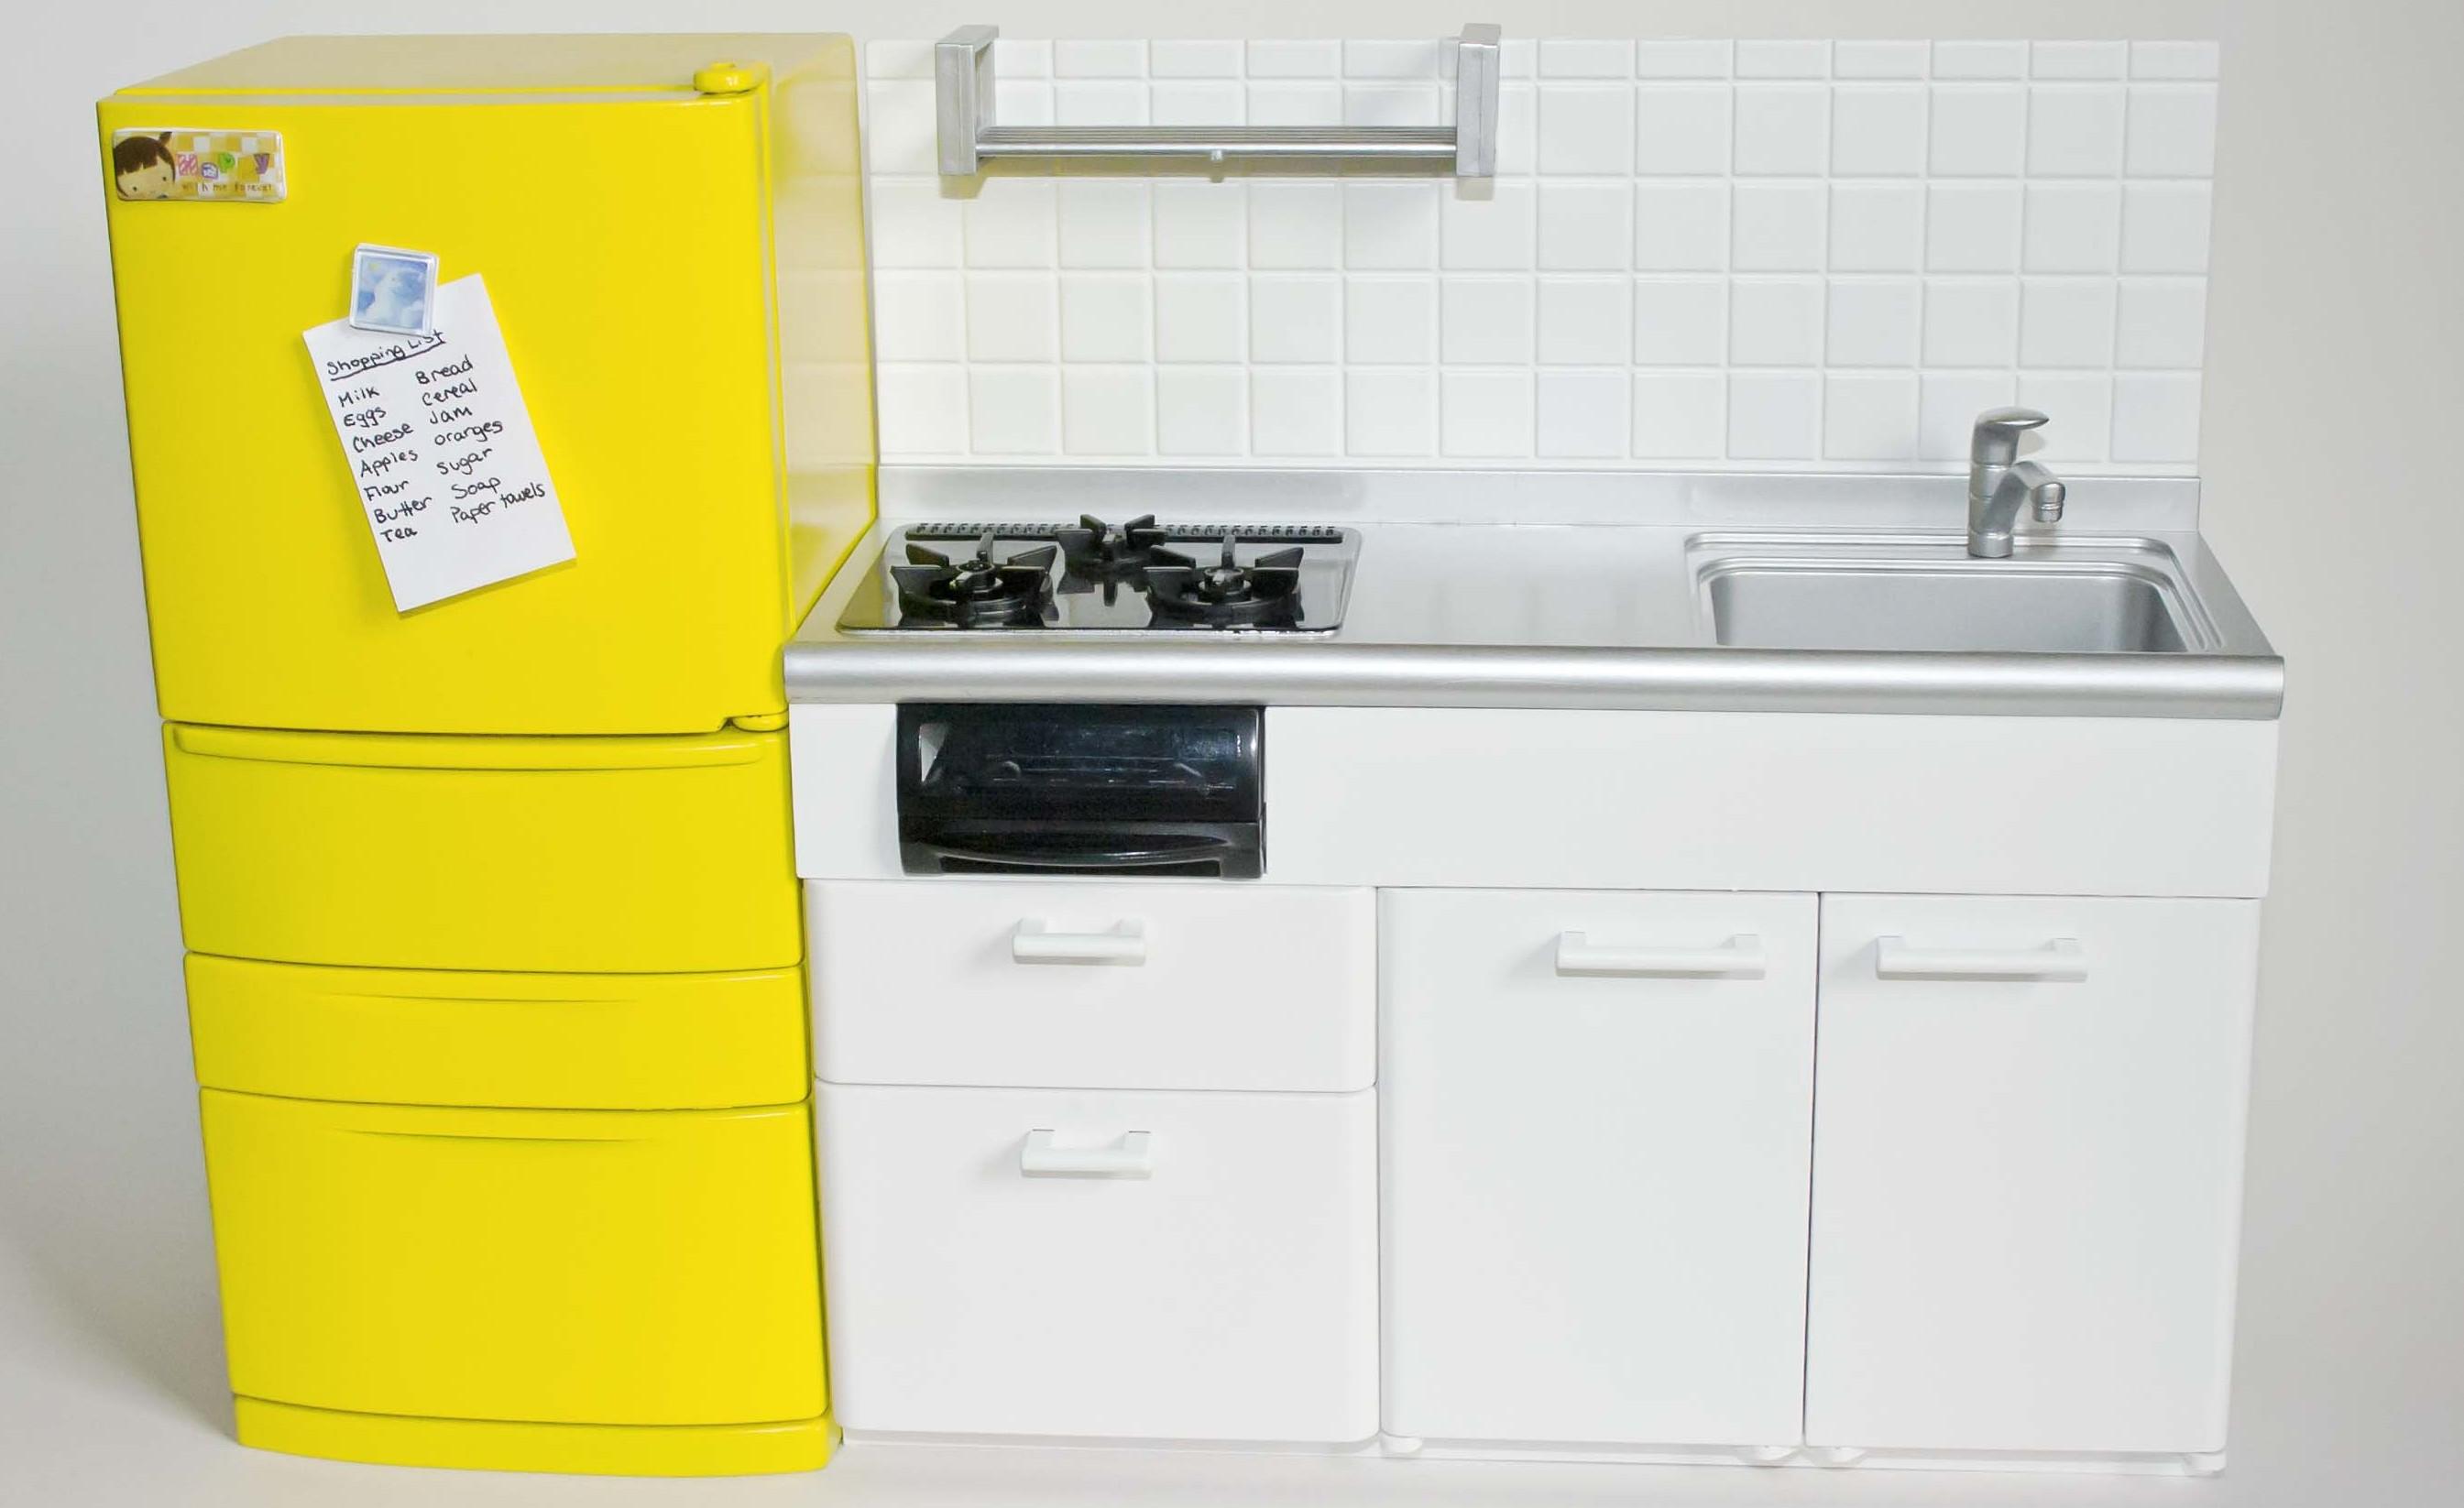 comment repeindre un frigo, electromenager, idée de cuisine blanche épurée avec un accent jaune